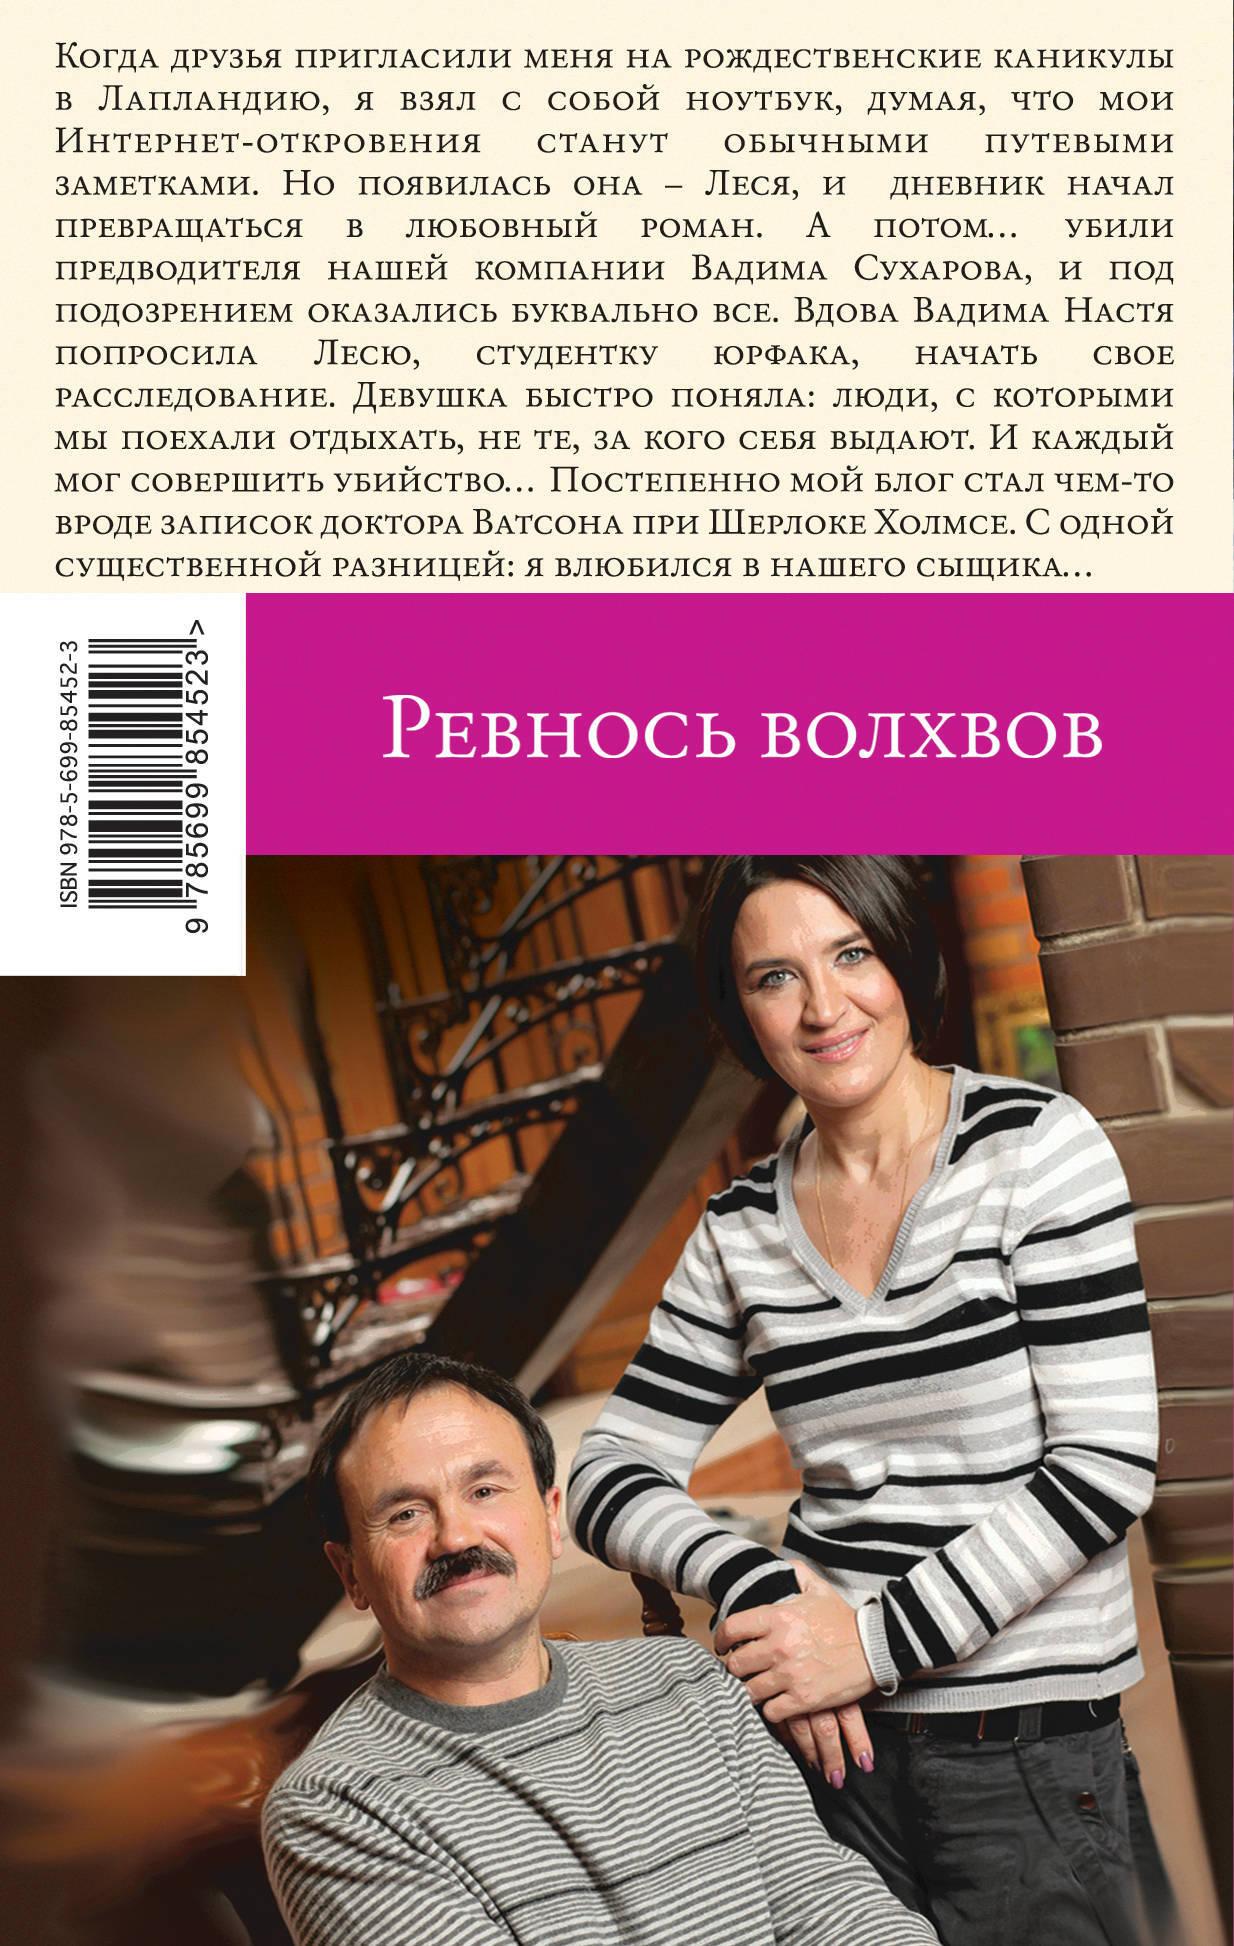 Литвинов Сергей Витальевич. (2016)Ревность волхвов | Литвинов Сергей Витальевич